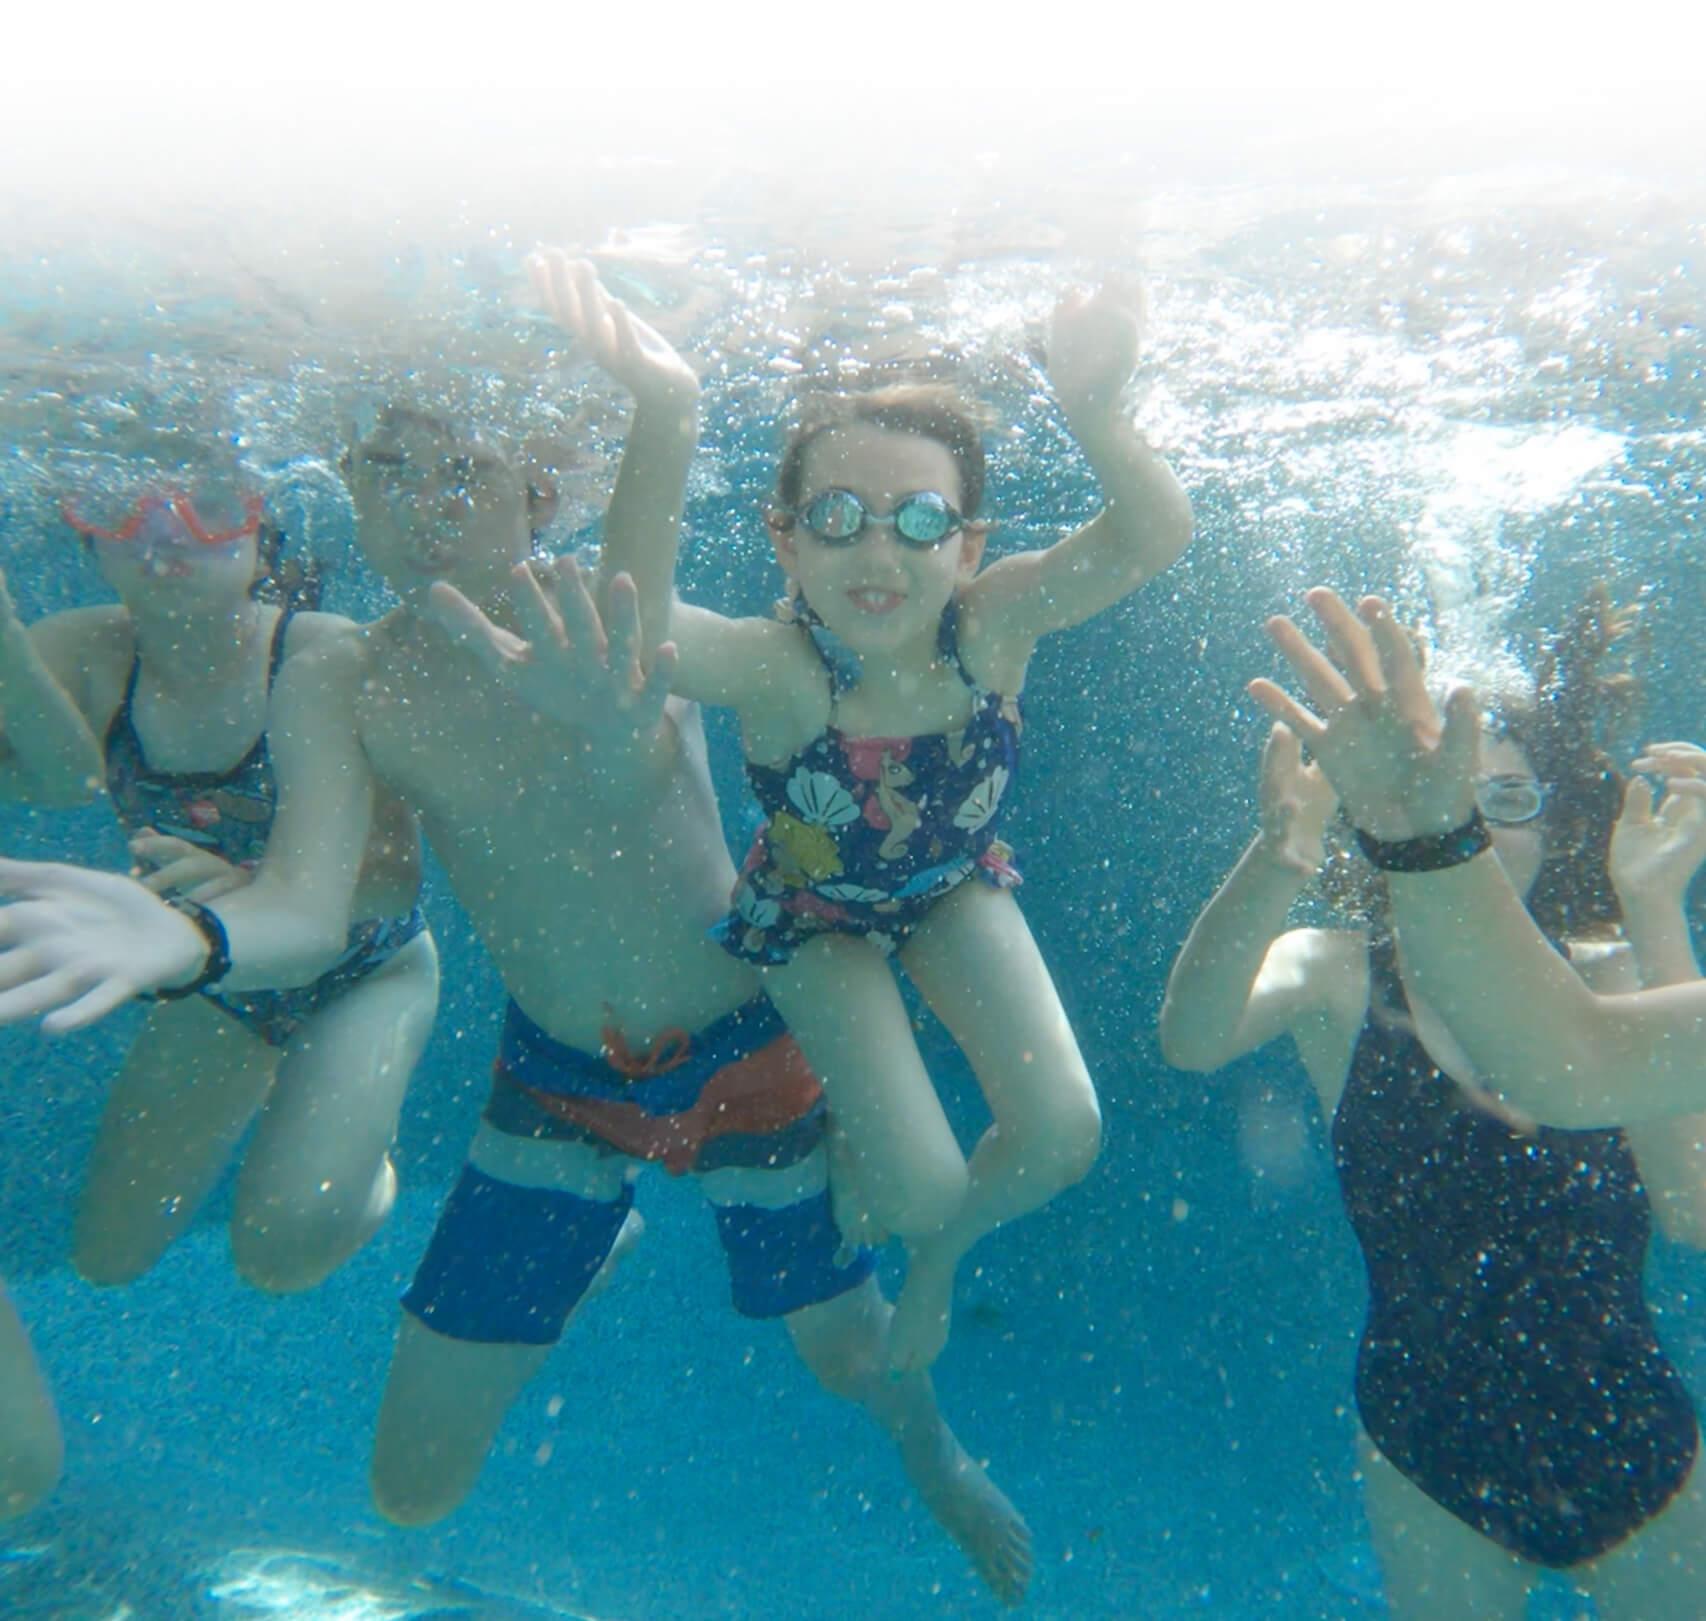 Quatre enfants se baignent et font un coucou à la caméra dans l'eau.